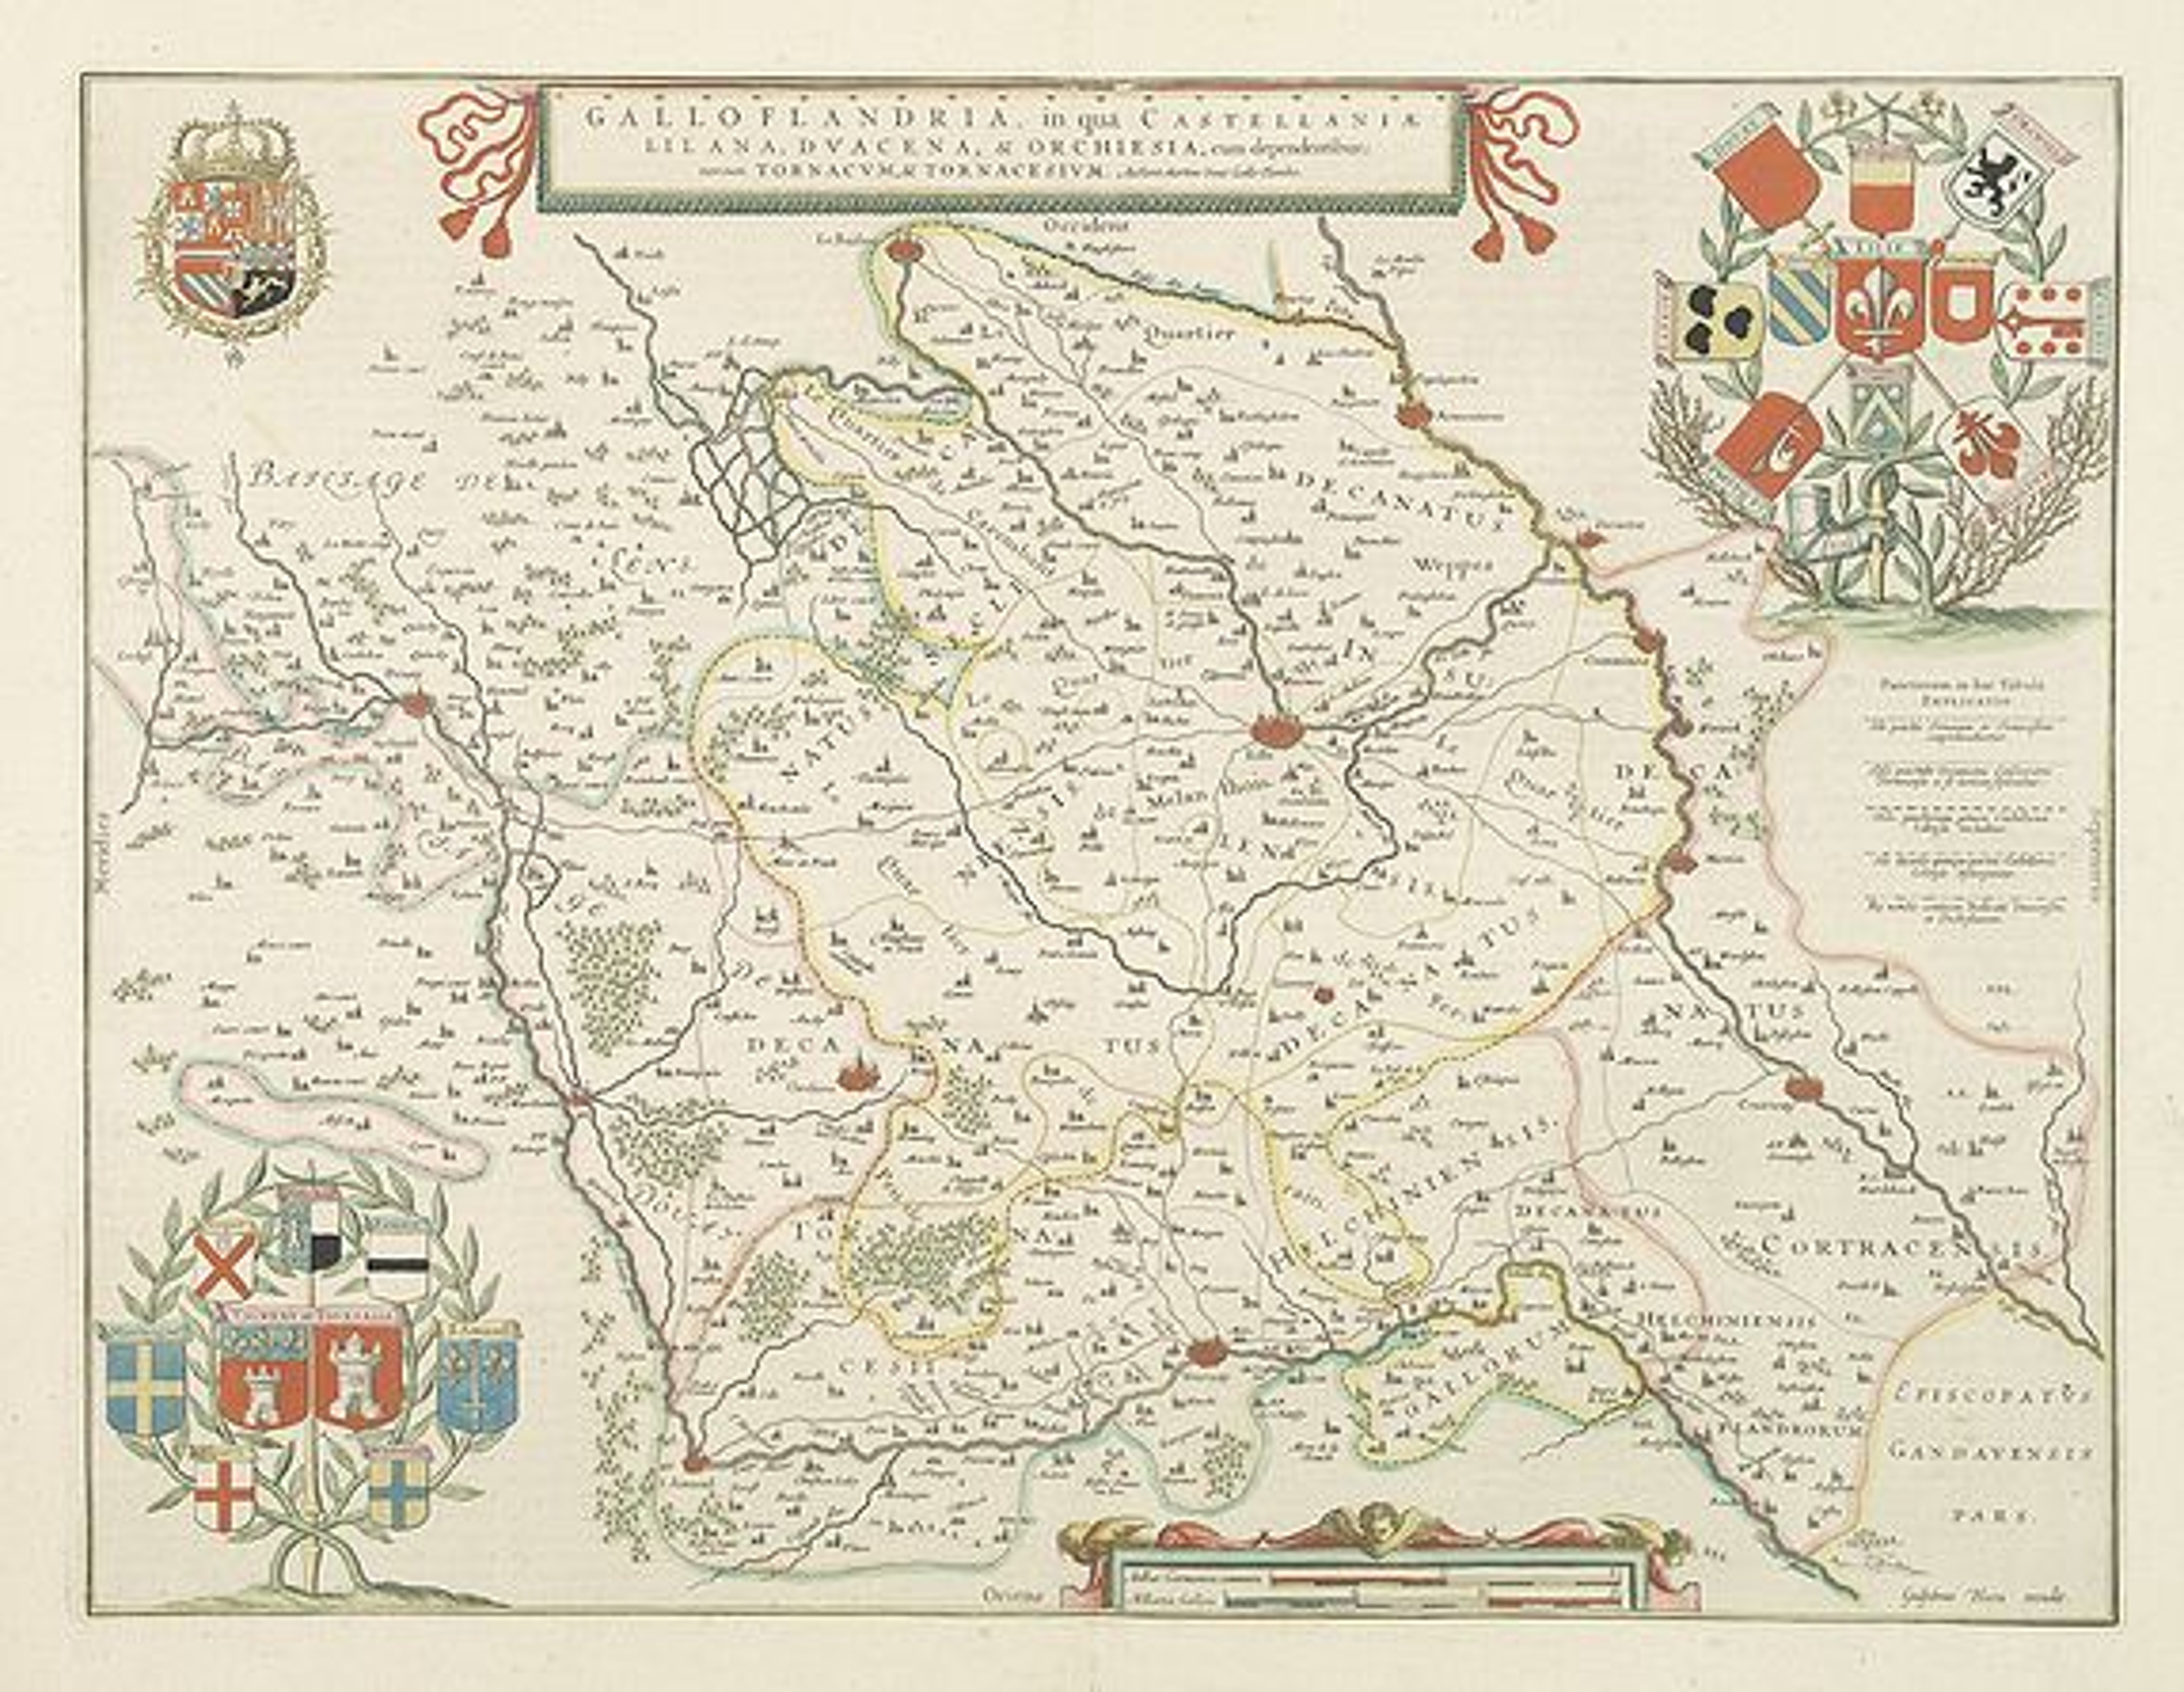 BLAEU, G. -  Galloflandria, in qua Castellaniae Lilana. . .